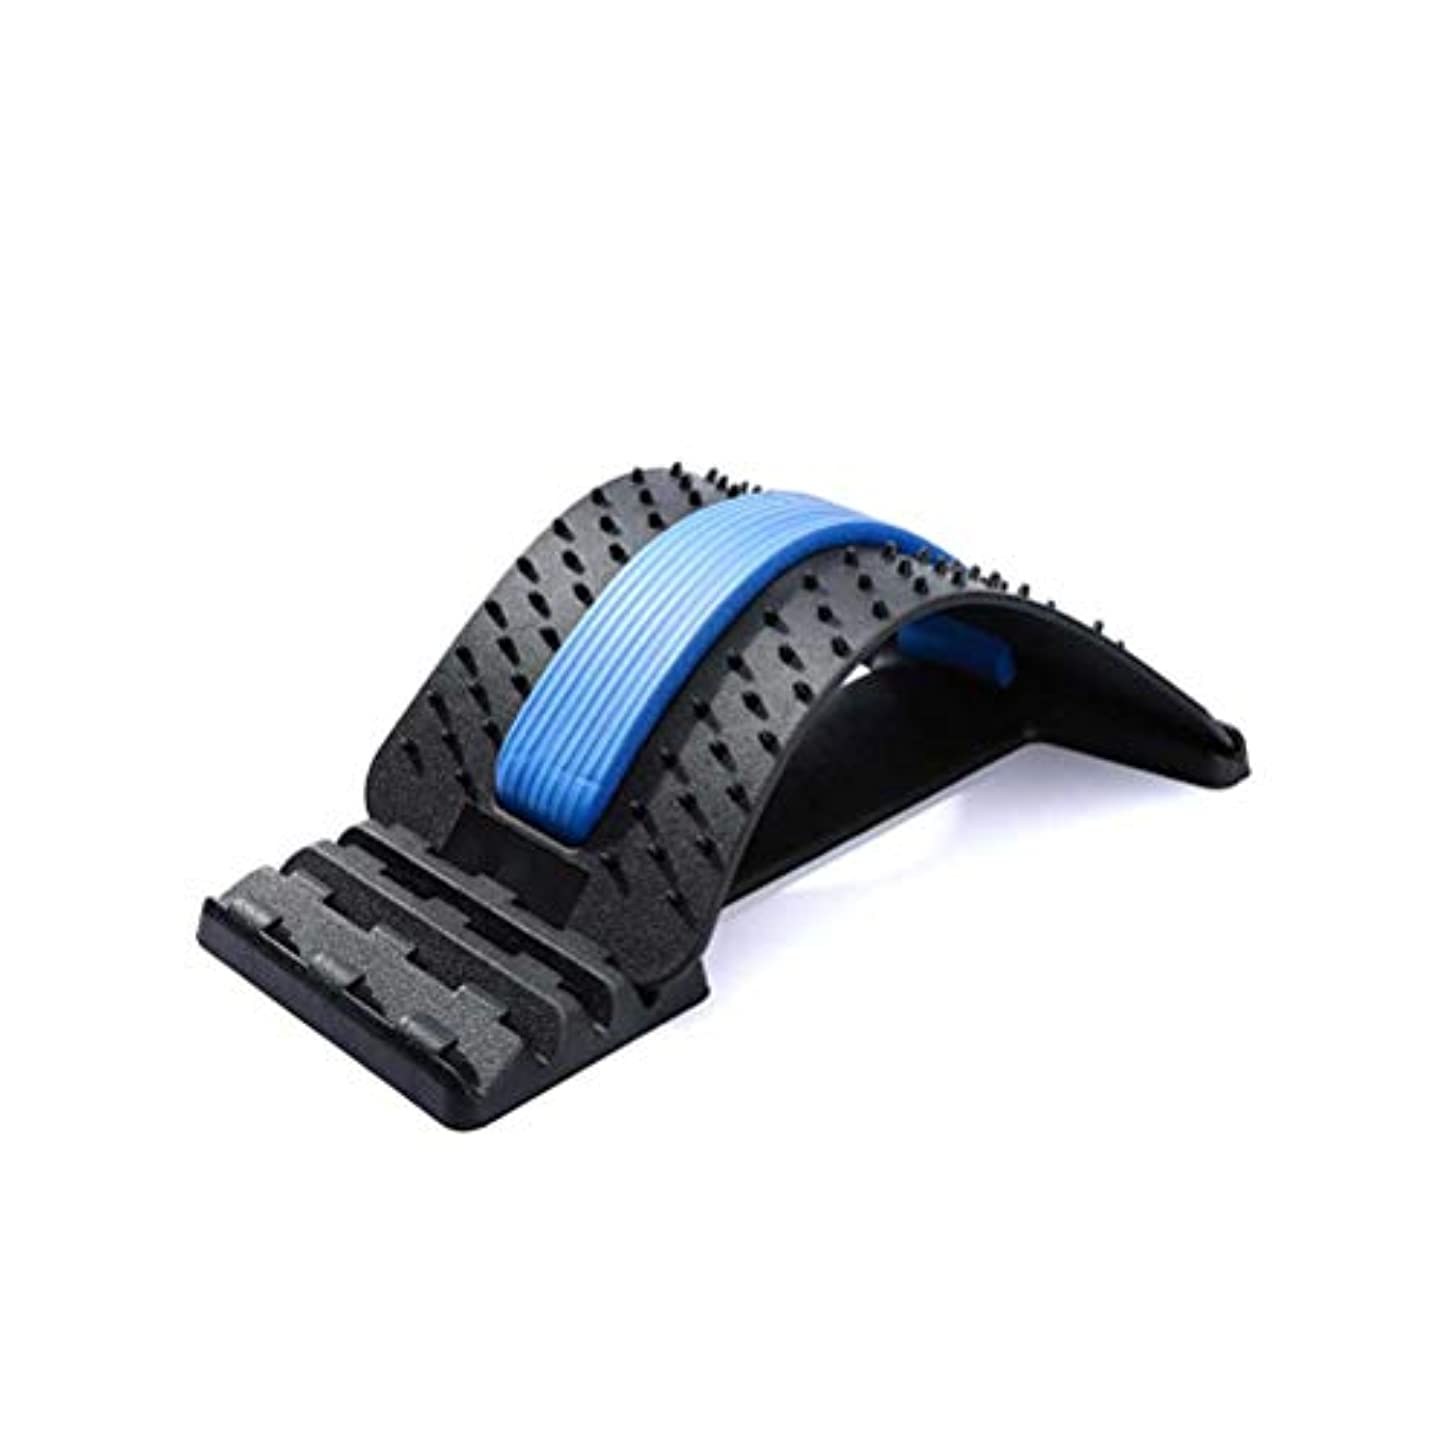 休戦分離するいちゃつくHealifty バックストレッチャー脊椎の痛みを軽減する腰椎牽引ストレッチングデバイス姿勢矯正具